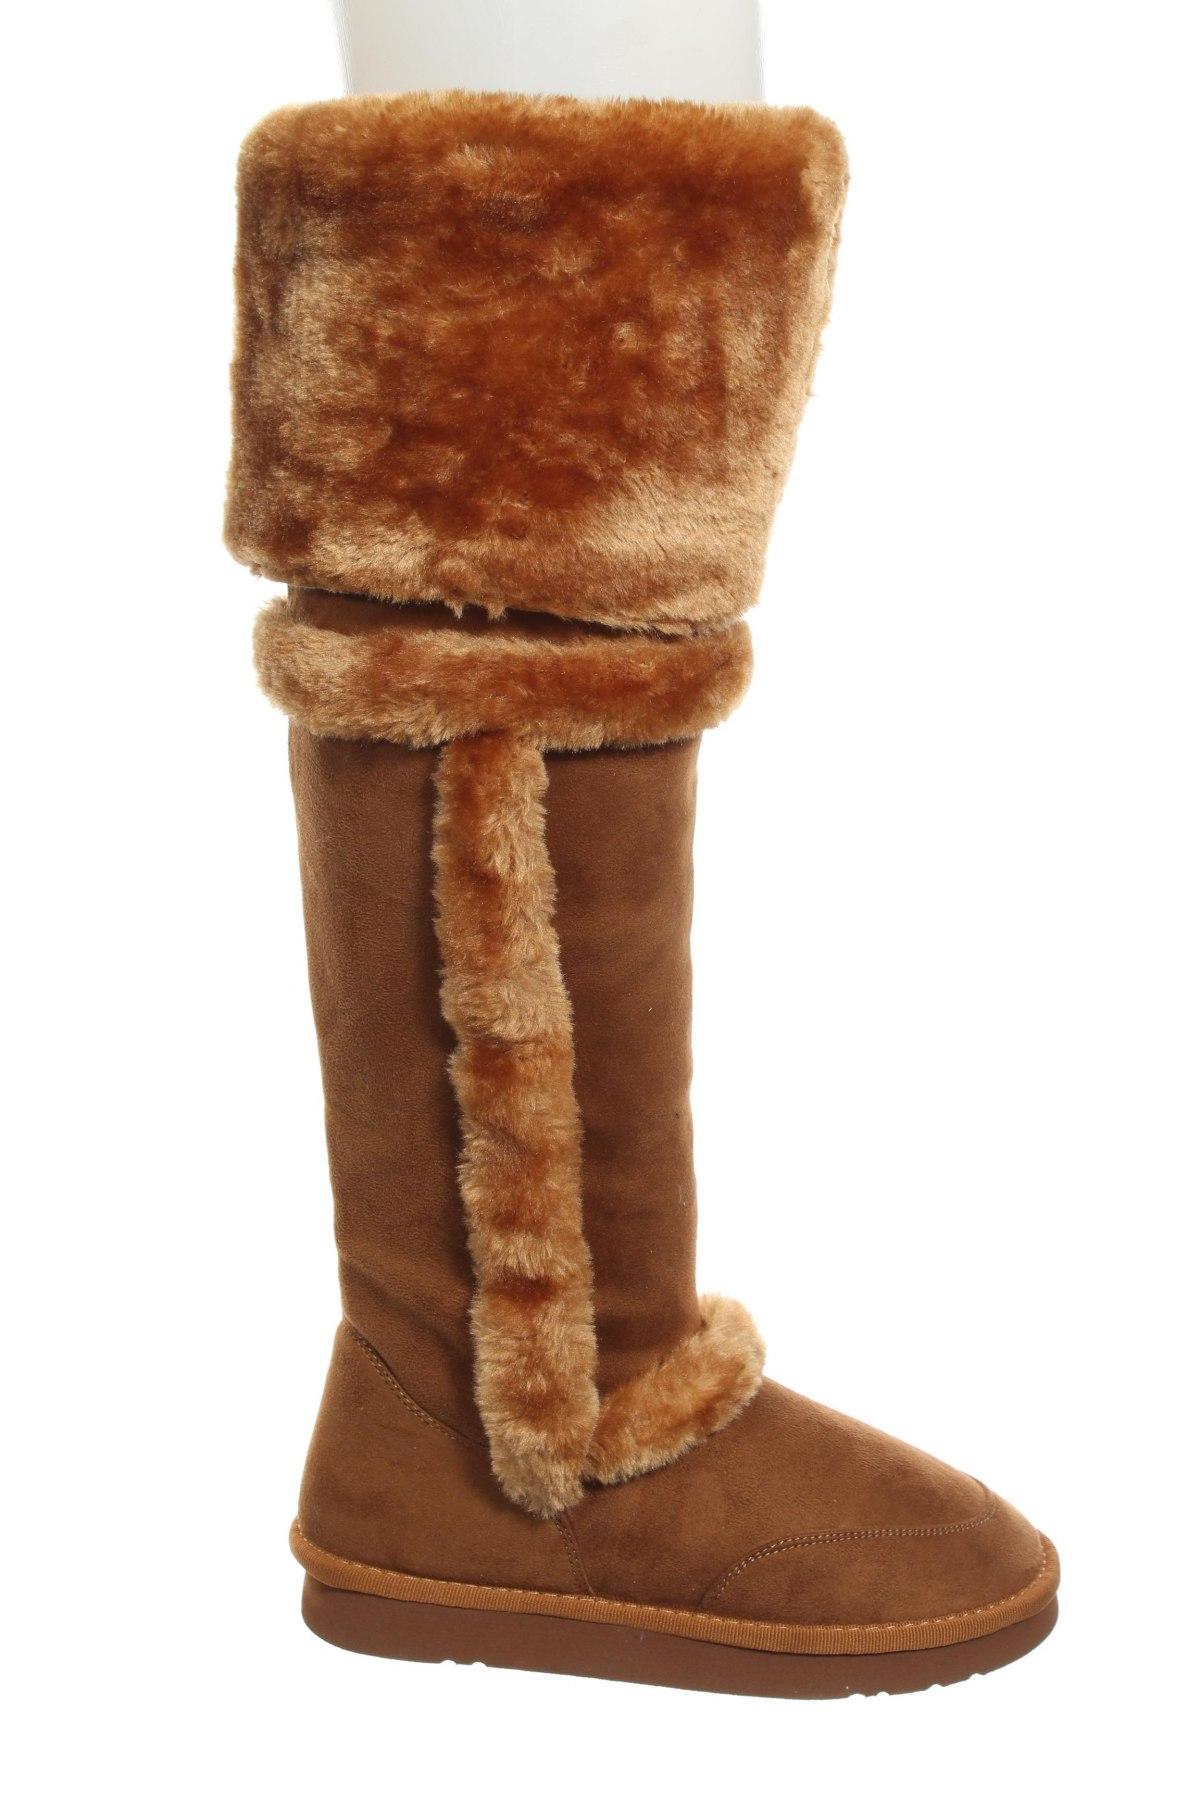 b184111dbbe9 Dámske topánky Buffalo - za výhodnú cenu na Remix -  102684960